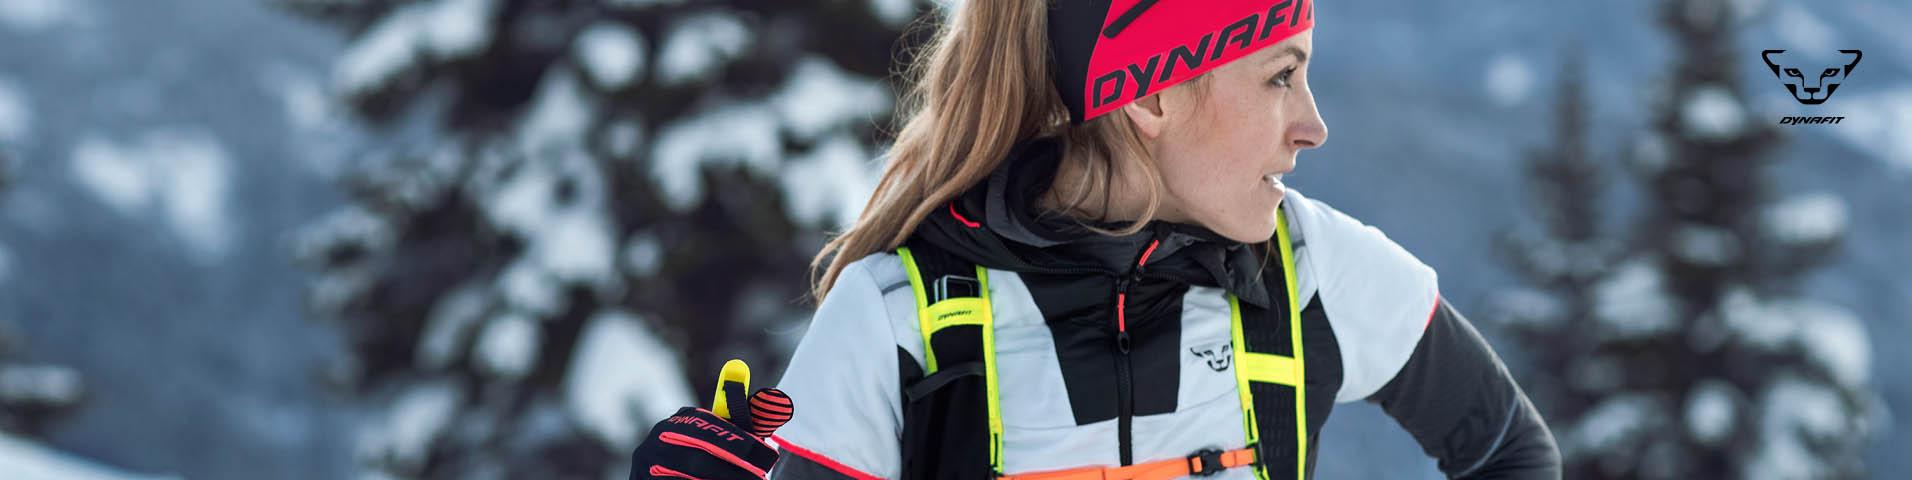 Mit Sportbekleidung Damen Das Training Kann Losgehen Dynafit 8kXO0wPn